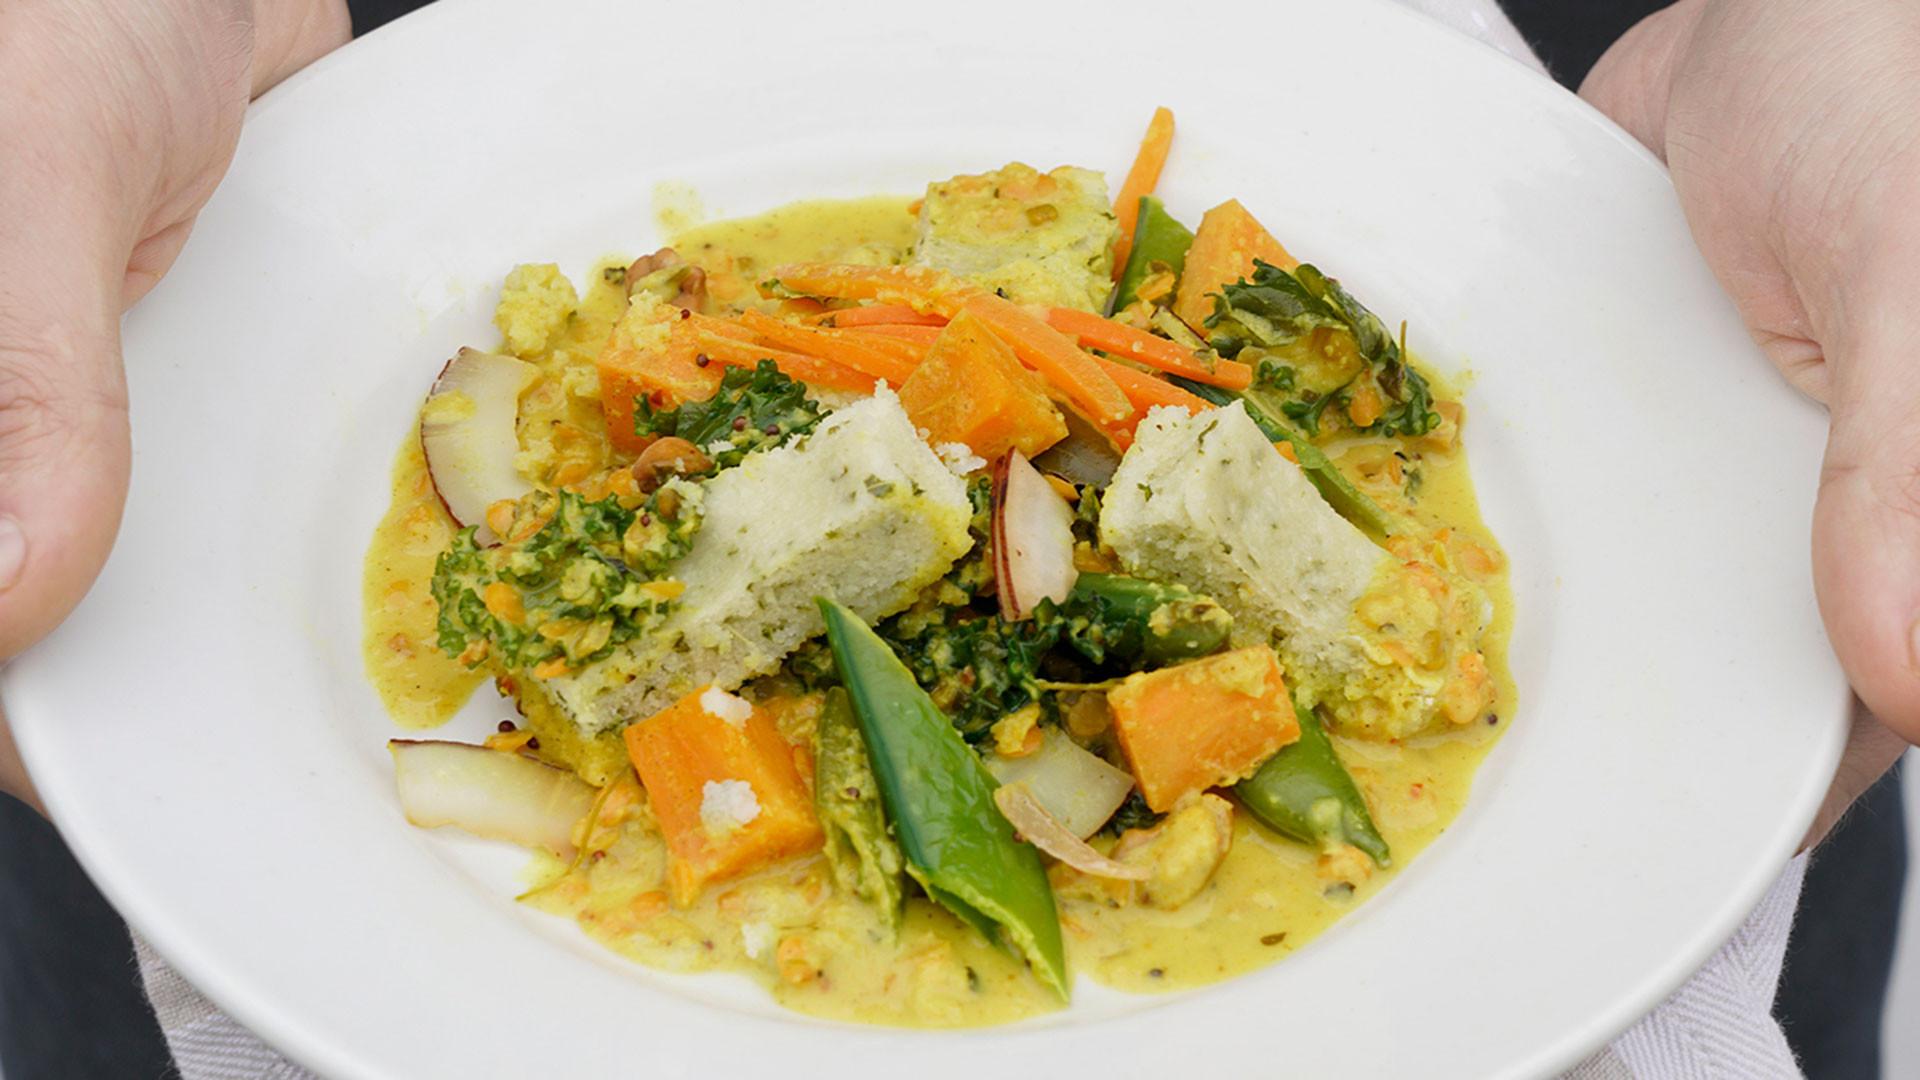 allplants Keralan Sundown curry